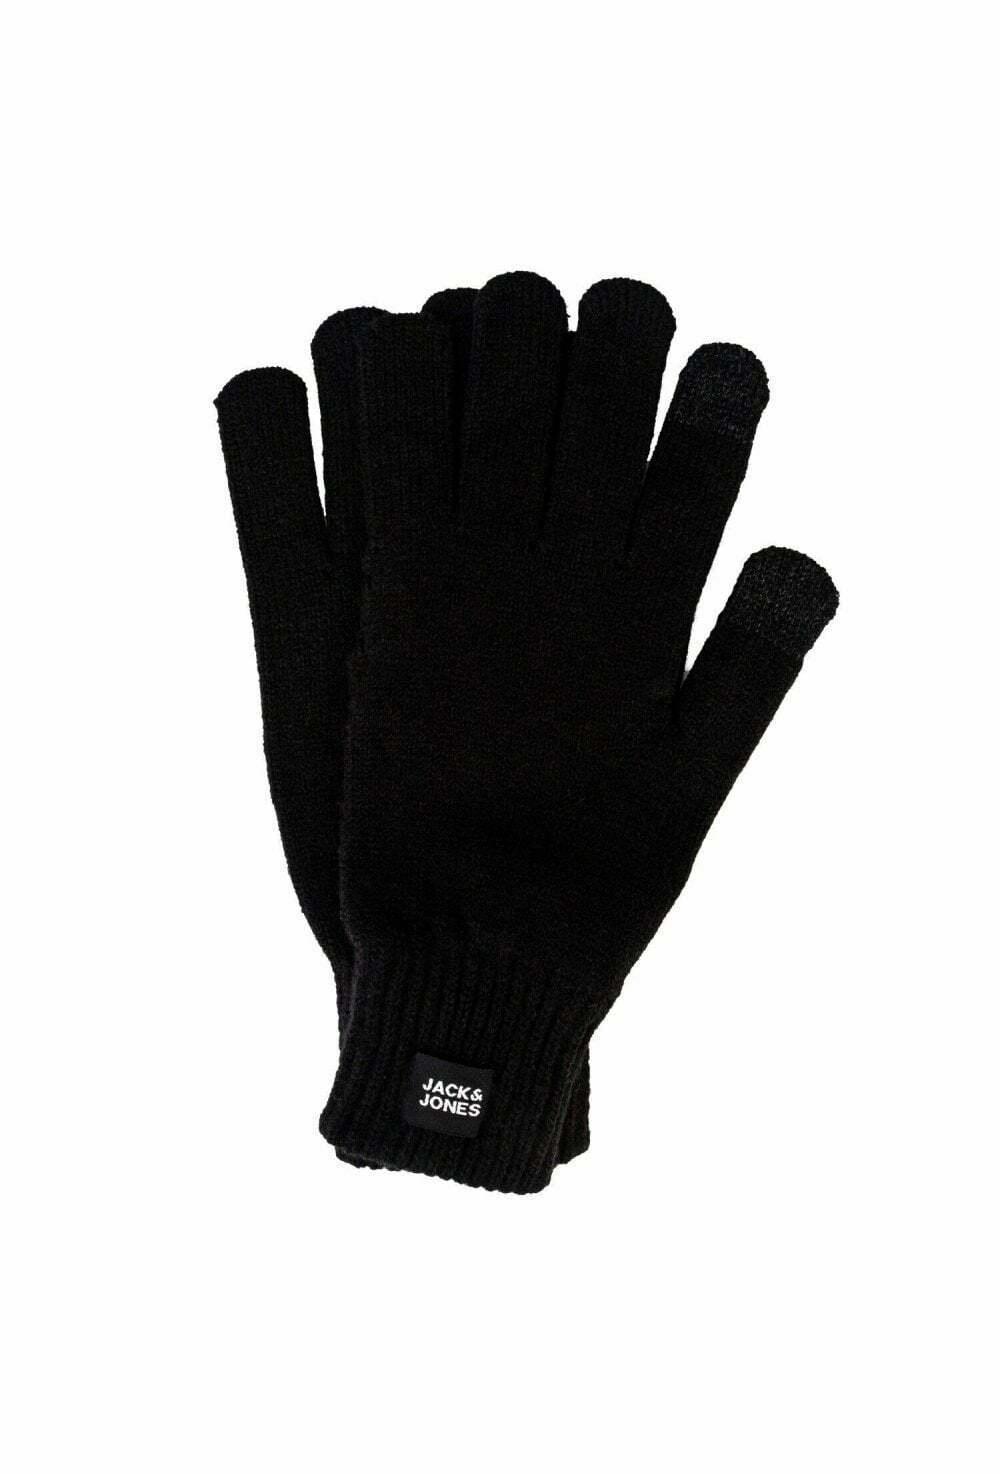 Jack And Jones Jacoliver Knit Gloves Black